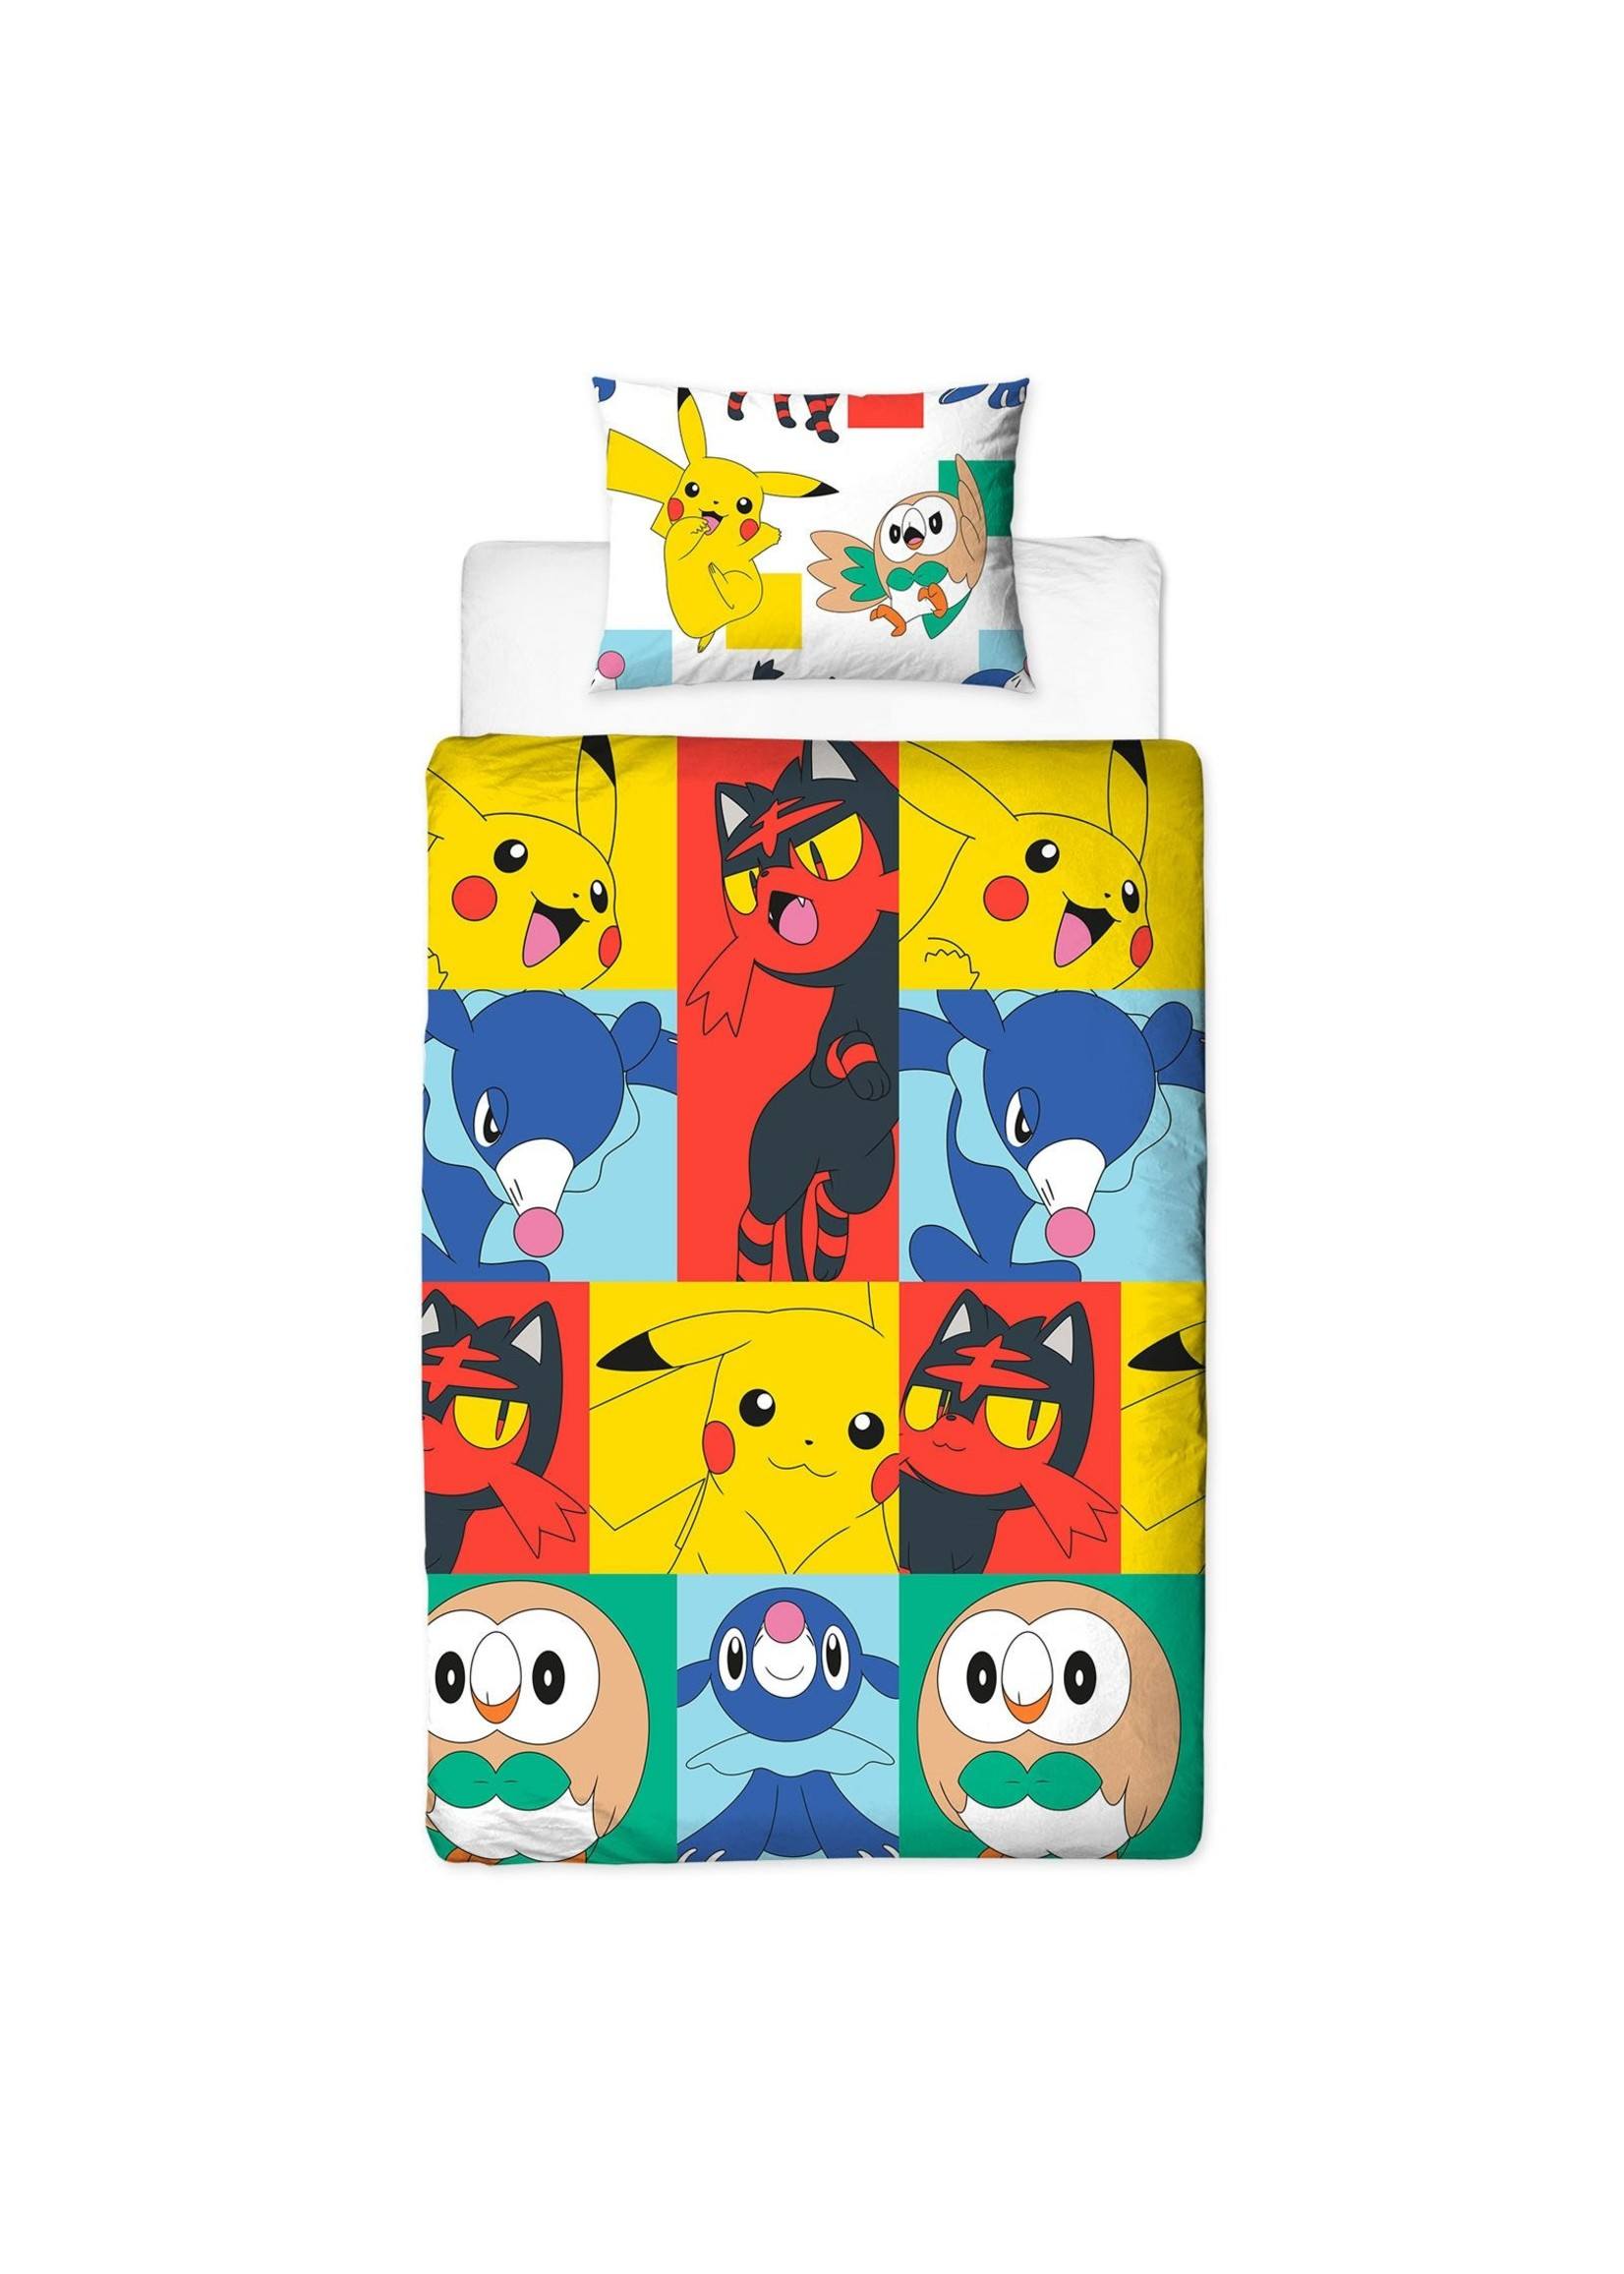 Pokémon Pokémon Duvet Cover Set Newbies